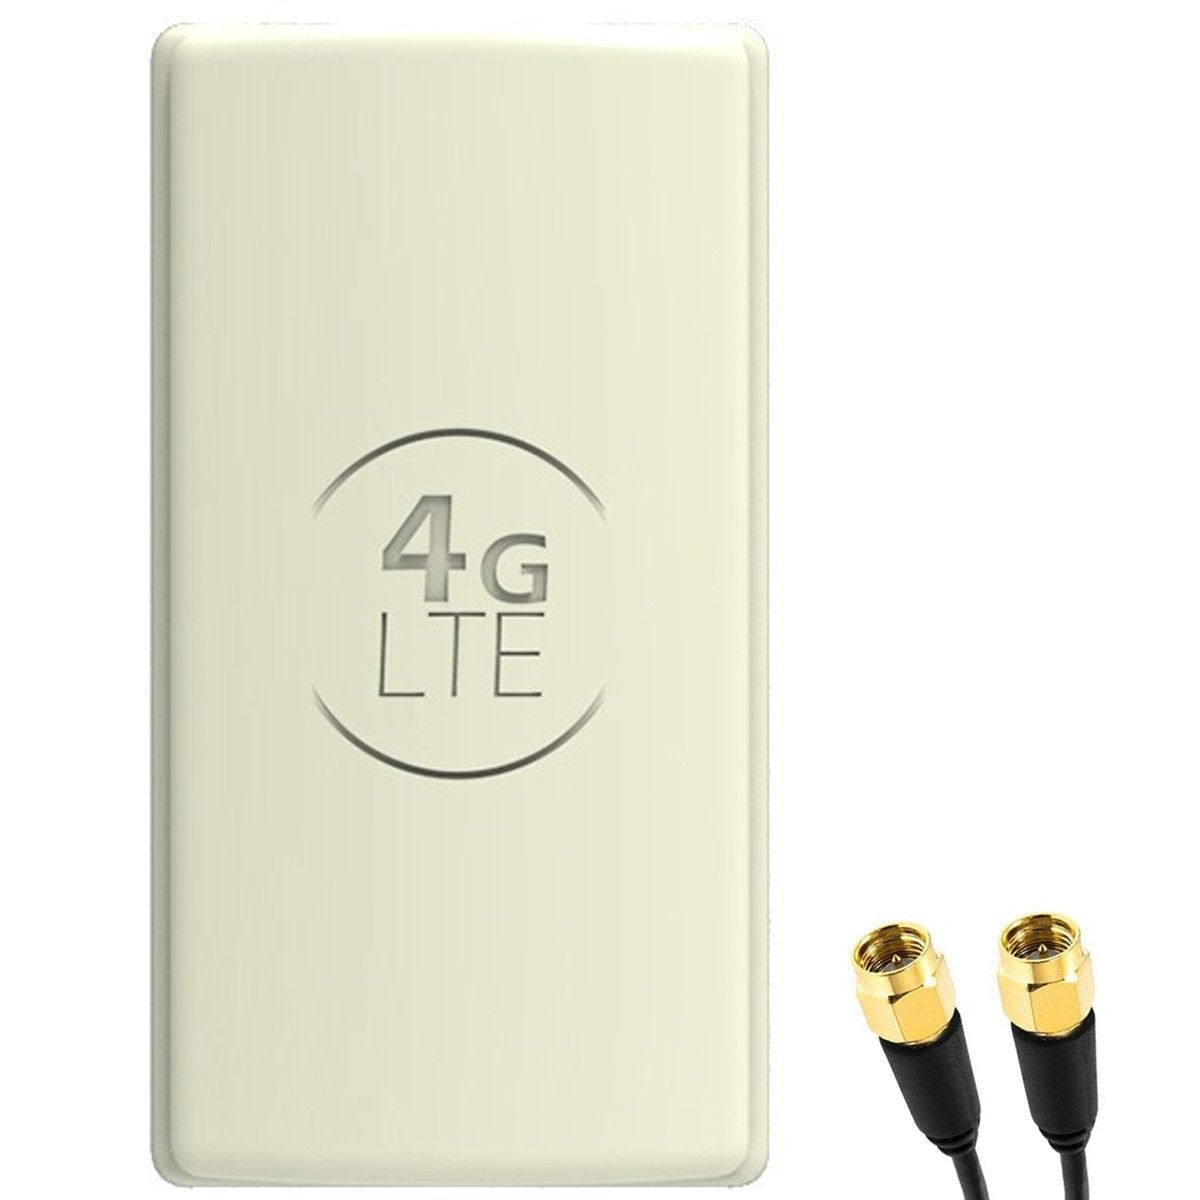 Antena 4G LTE DUAL PANEL 2x25dBi + 2x15m SZARA + 2x SMA